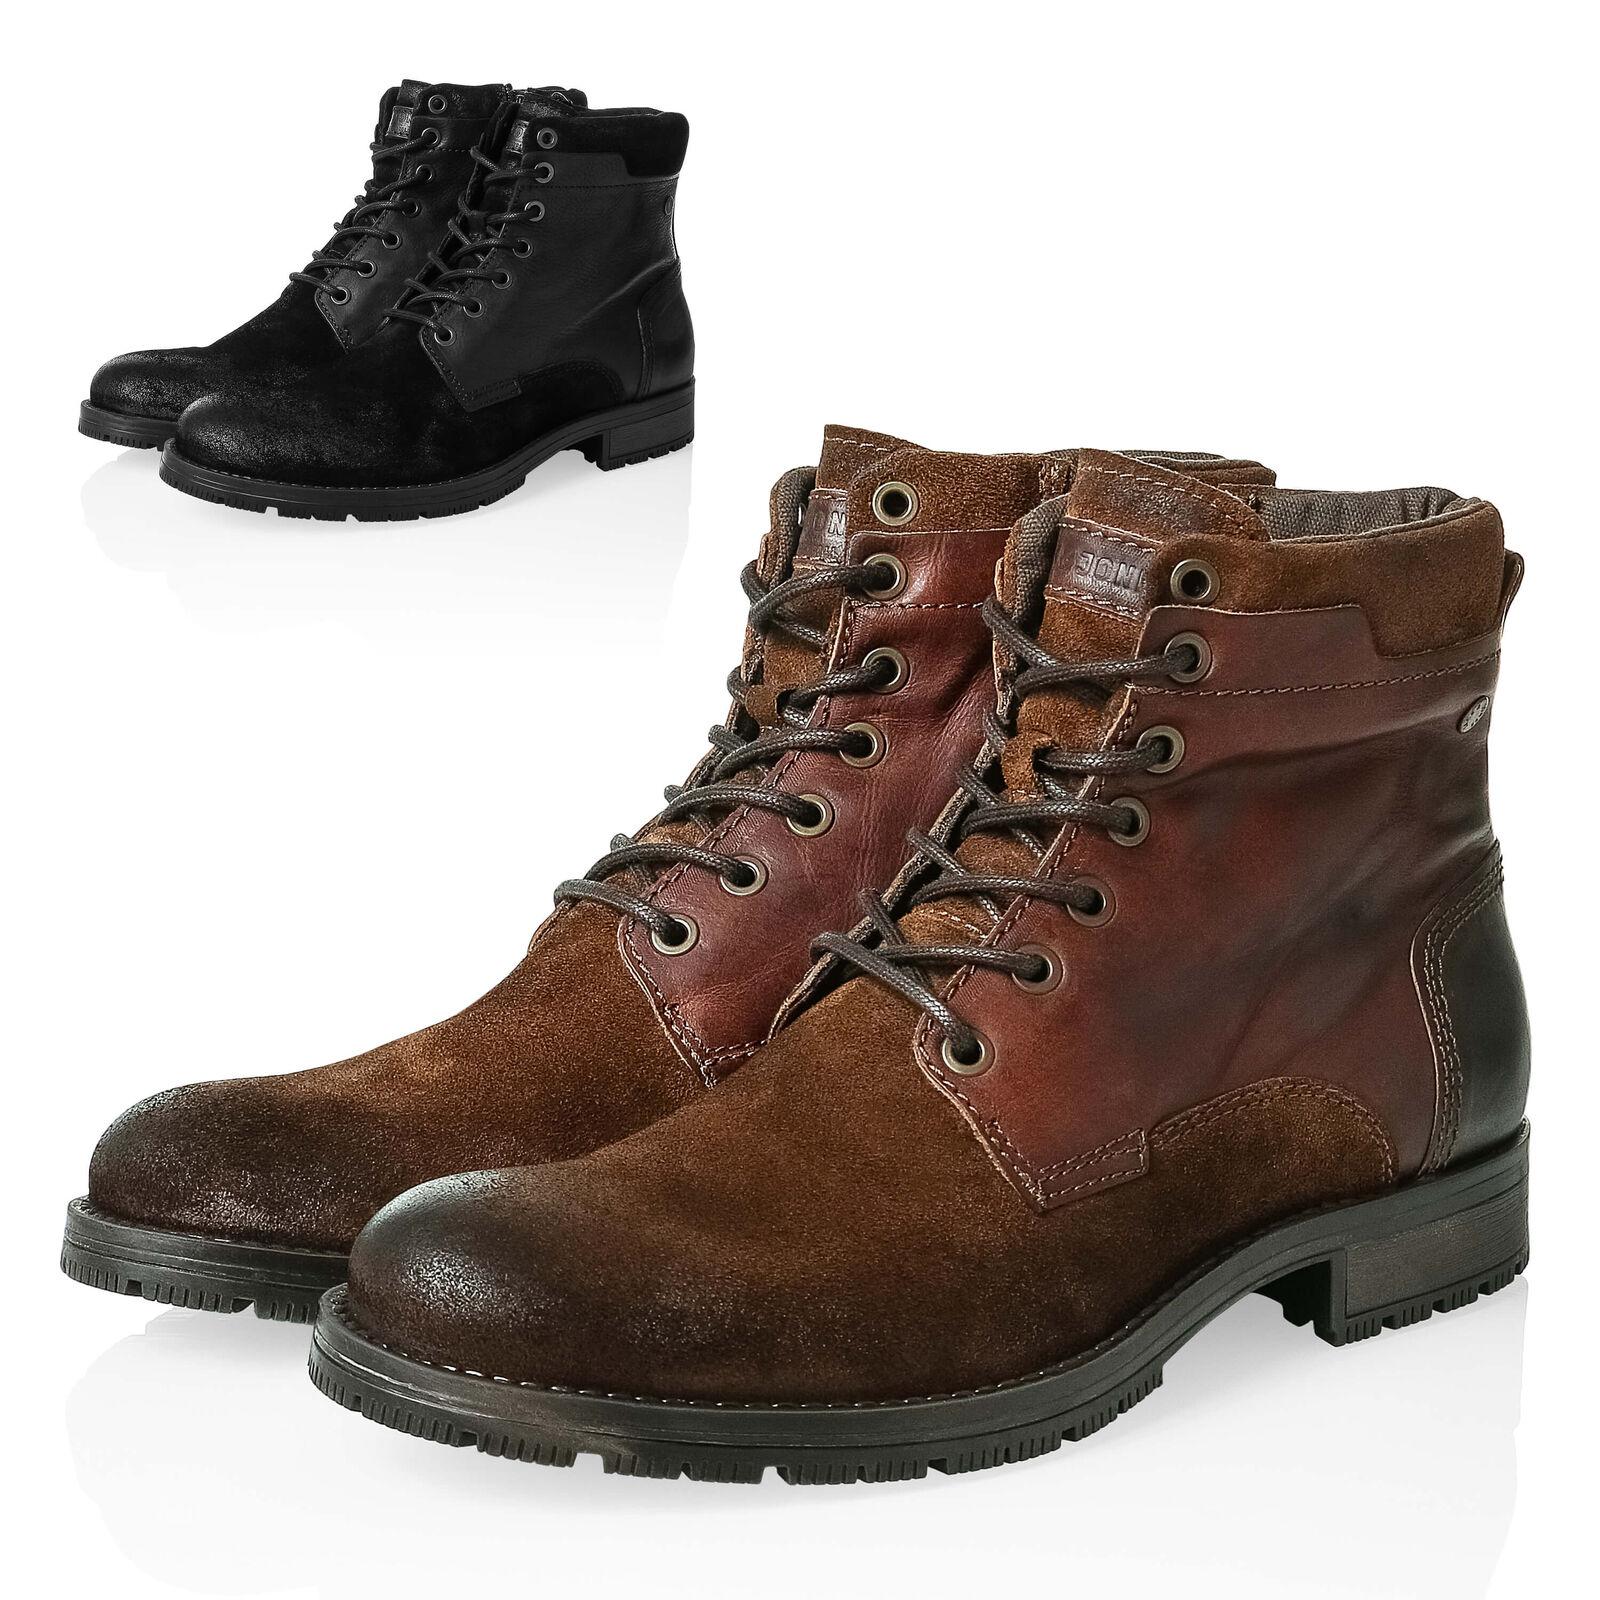 Jack & Jones señores schnürbotas botas botines de cuero genuino zapatos caballero nuevo%